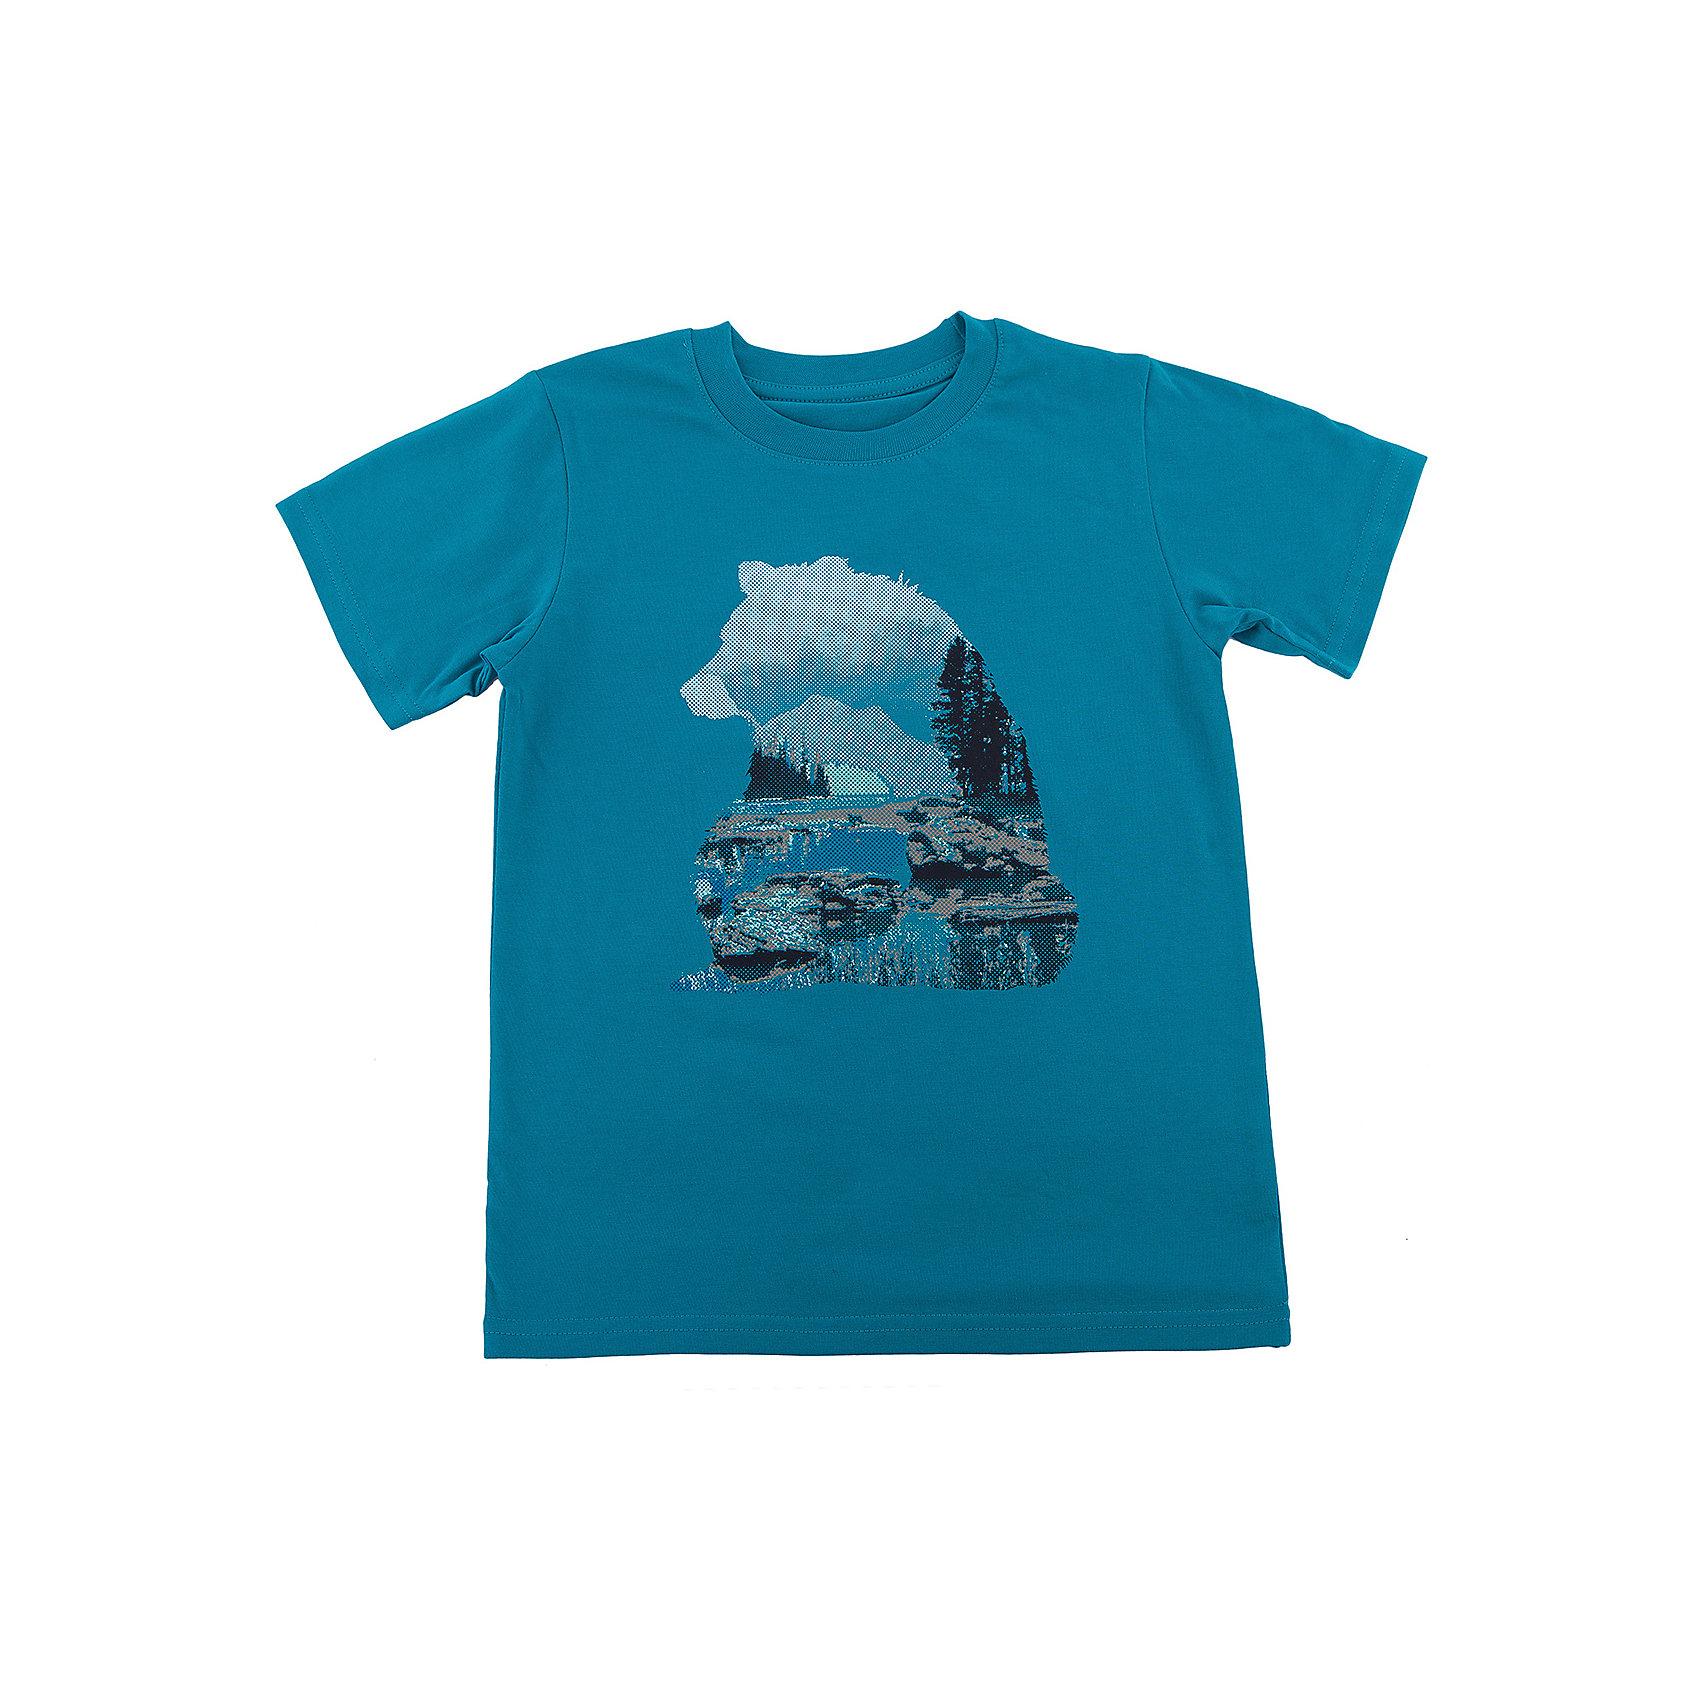 Футболка для мальчика WOWФутболки, поло и топы<br>Футболка для мальчика WOW<br>Незаменимой вещью в  гардеробе послужит футболка с коротким рукавом. Стильная и в тоже время комфортная модель, с яркой оригинальной печатью, будет превосходно смотреться на ребенке.<br>Состав:<br>кулирная гладь 100% хлопок<br><br>Ширина мм: 199<br>Глубина мм: 10<br>Высота мм: 161<br>Вес г: 151<br>Цвет: зеленый<br>Возраст от месяцев: 156<br>Возраст до месяцев: 168<br>Пол: Мужской<br>Возраст: Детский<br>Размер: 164,128,134,140,146,152,158<br>SKU: 6871700